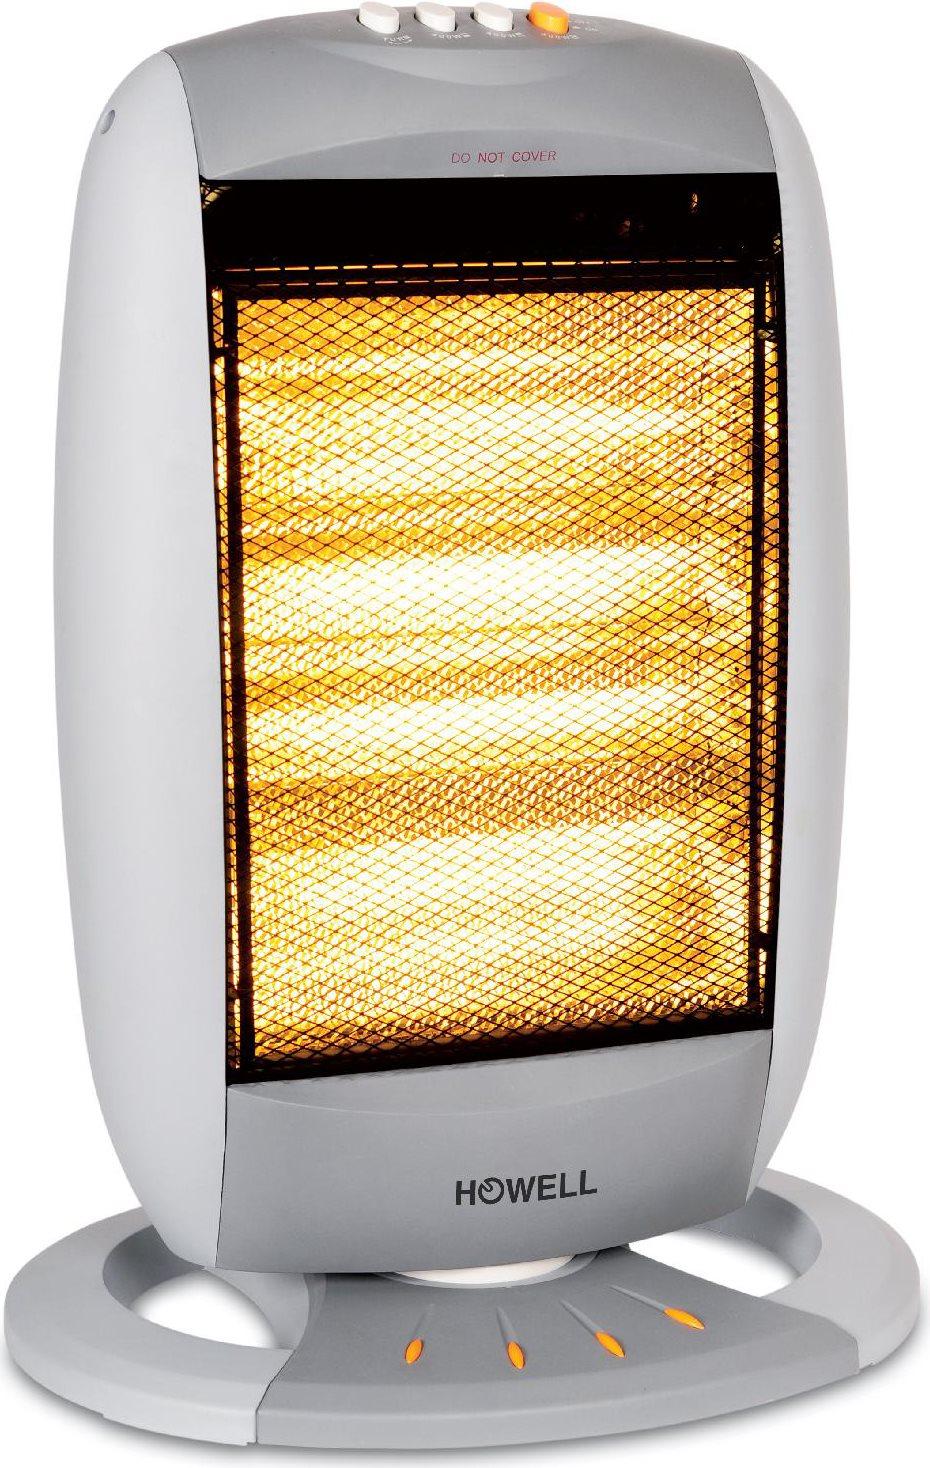 Howell stufa elettrica alogena a basso consumo potenza max 1800 watt oscillante sa1810 38834 - Stufa alogena basso consumo ...